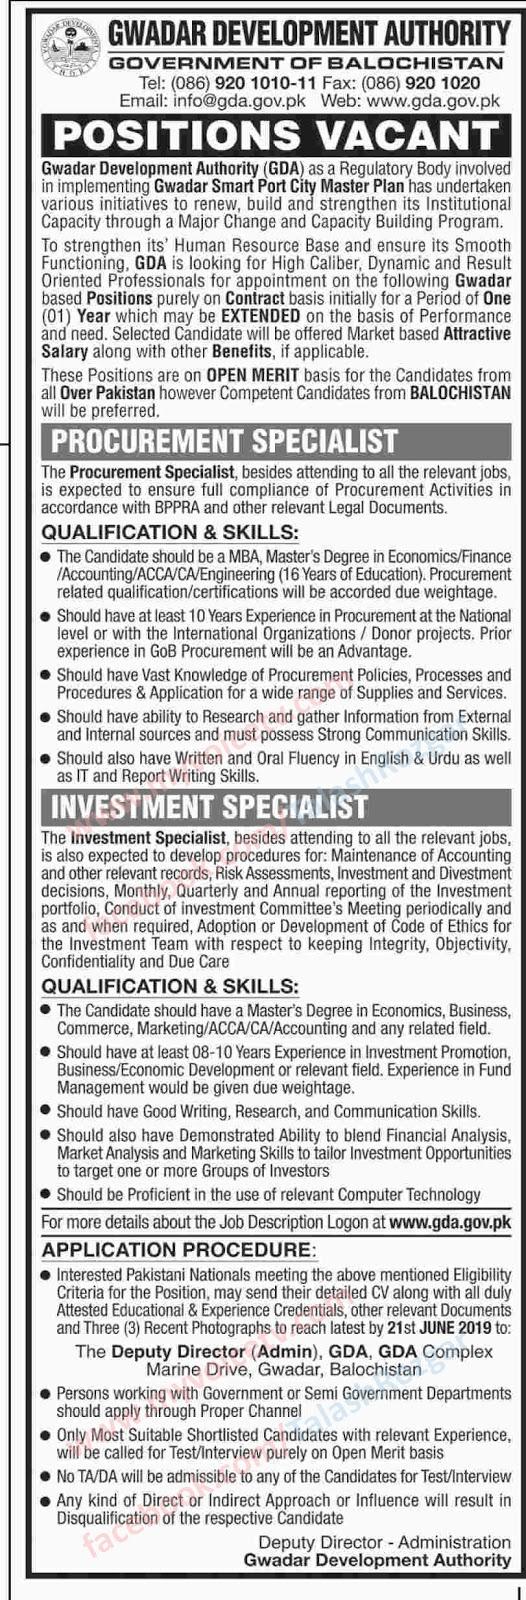 ➨ #Jobs - #Career_Opportunities - #Jobs - in a Gwadar Development Authority - Govt of Balochistan - Last date is 21 June 19